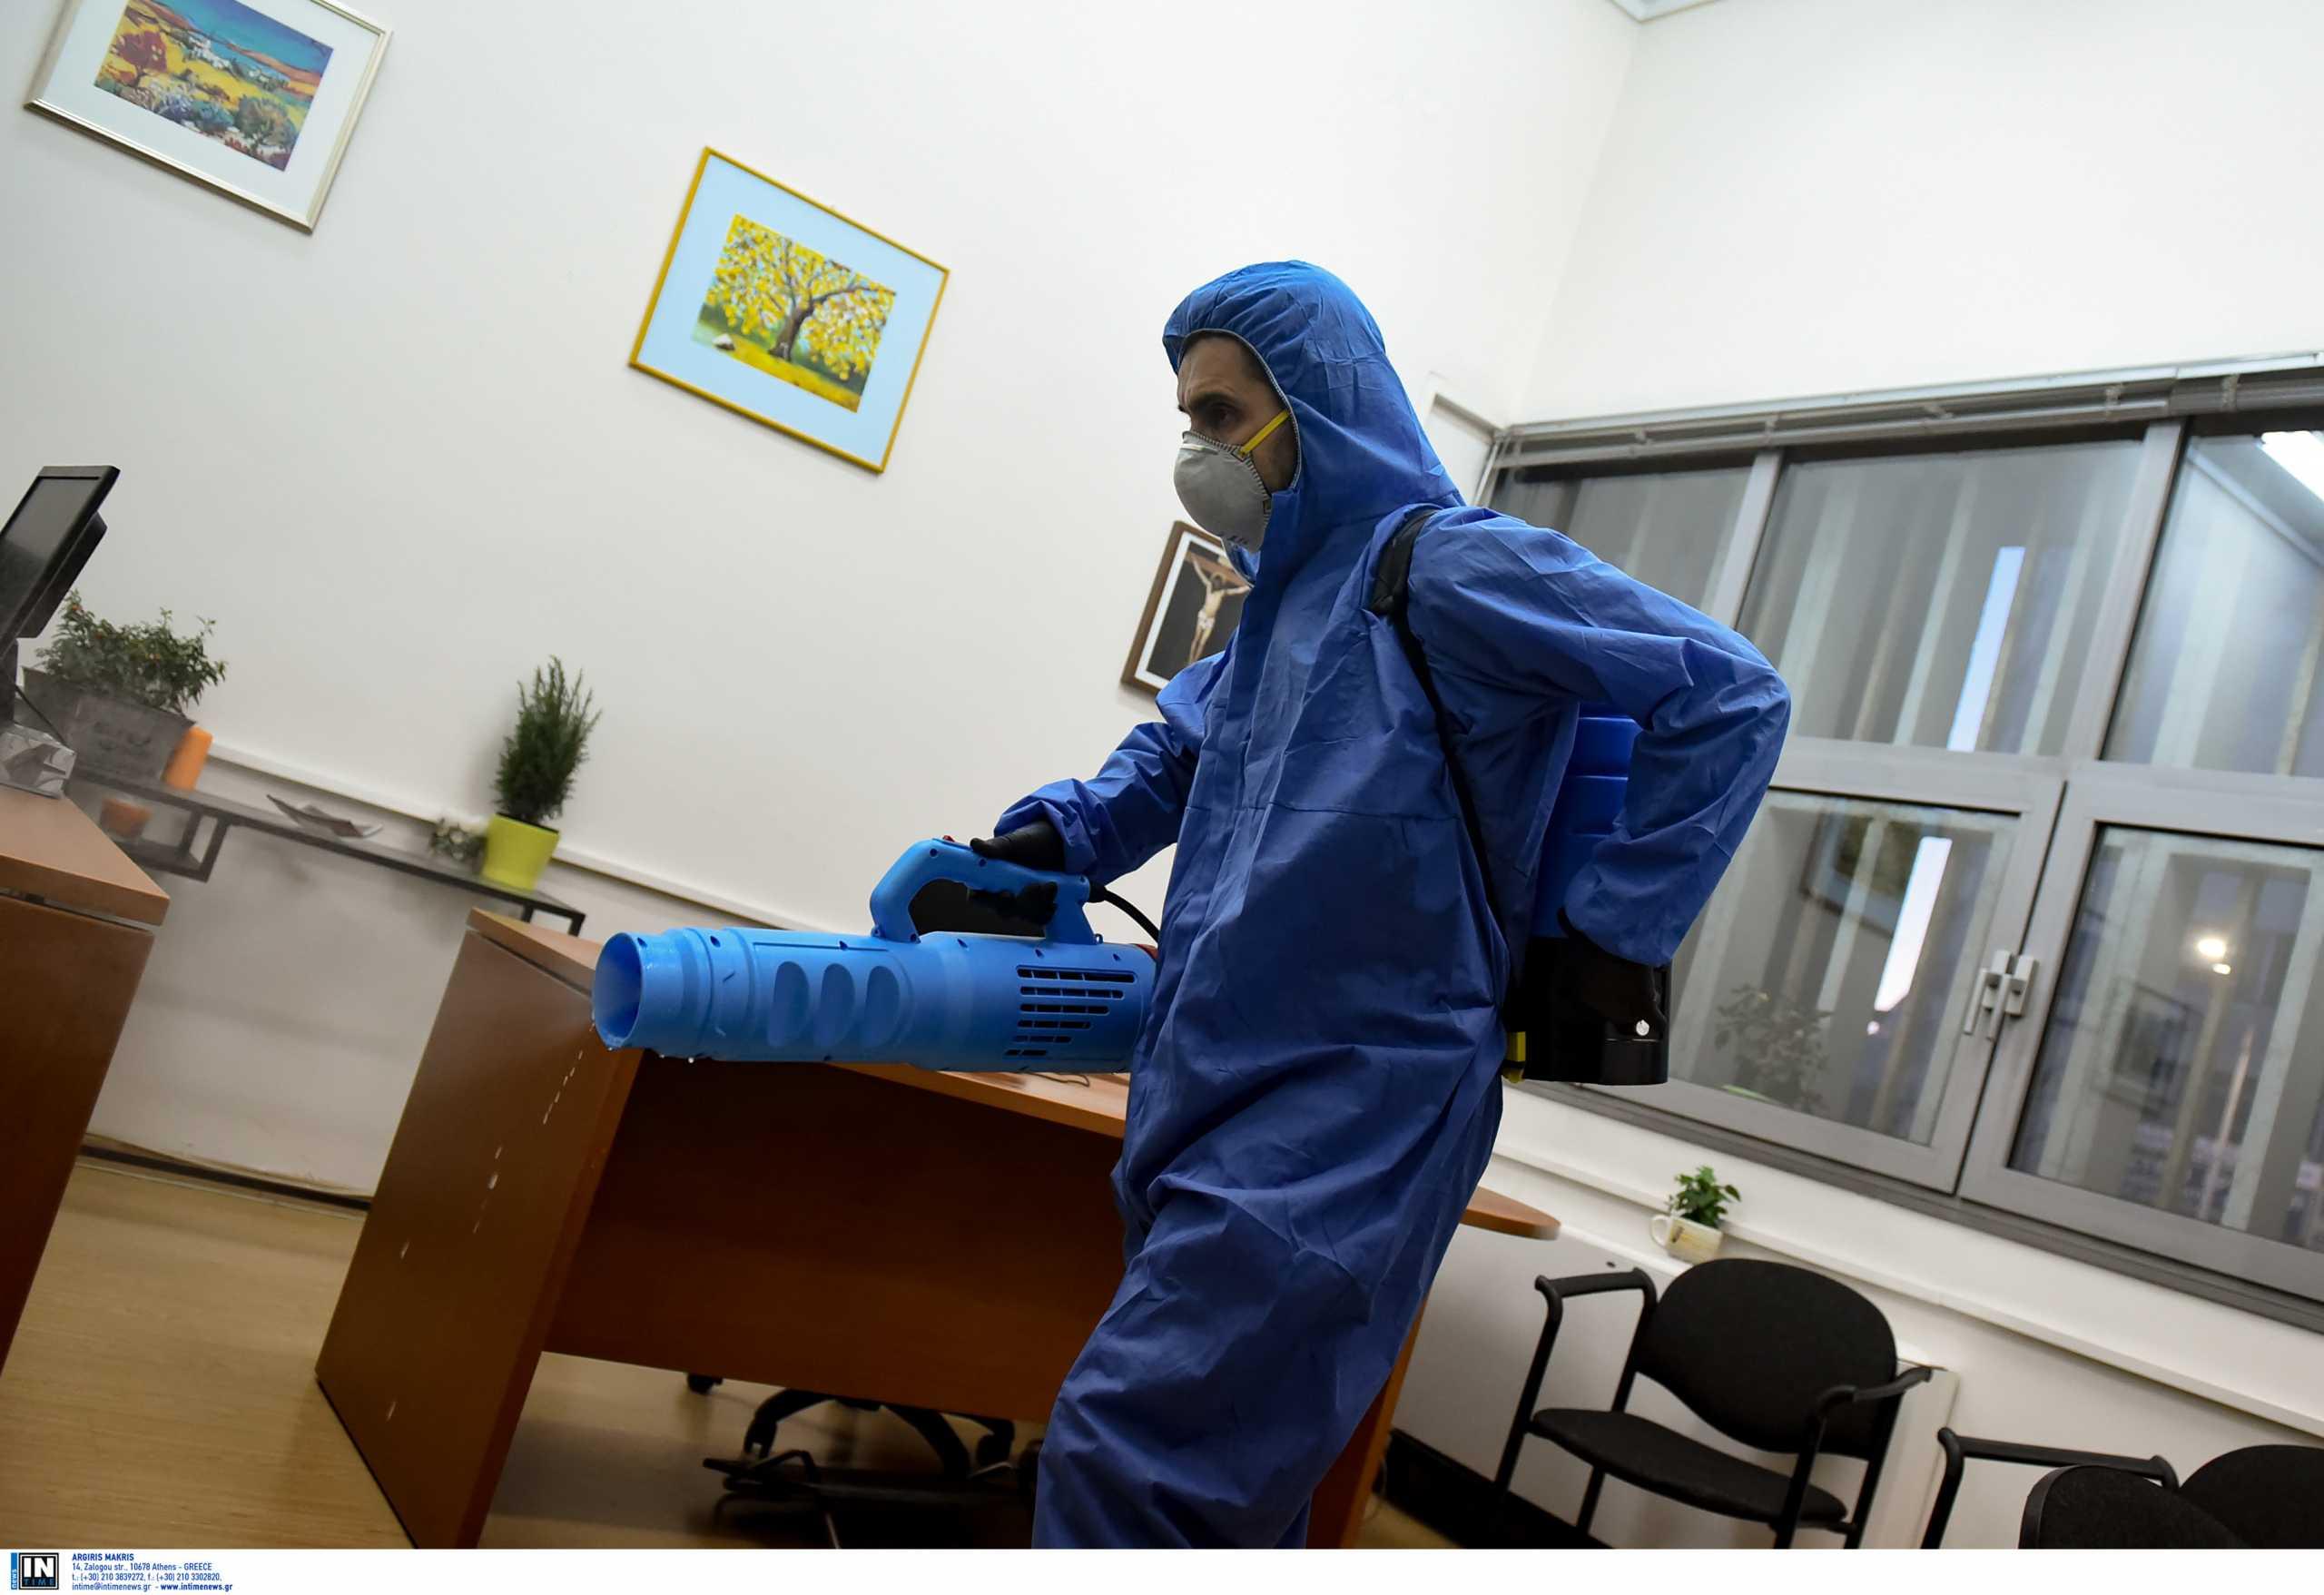 Κορονοϊός: Η συχνή απολύμανση των επιφανειών σκοτώνει τον ιό; Τι απαντά το CDC